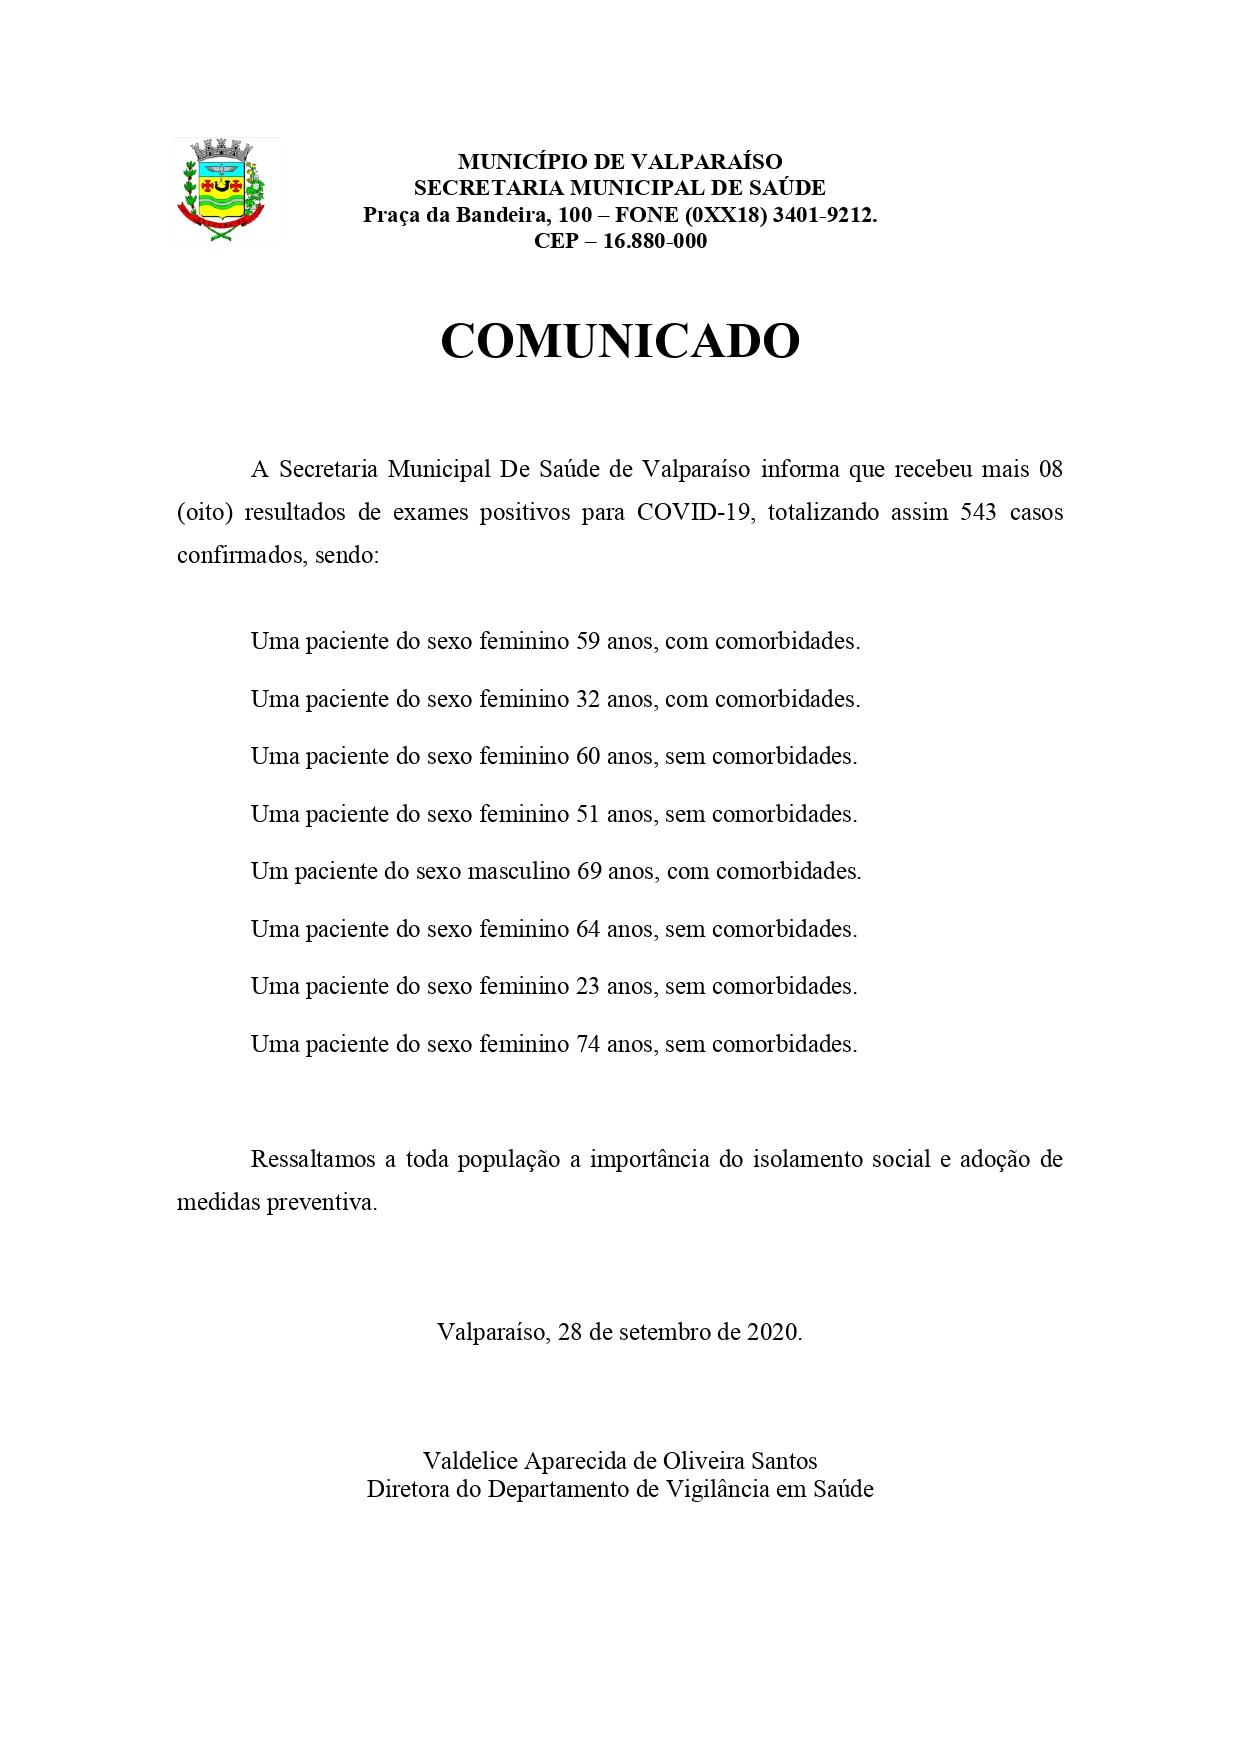 covid543